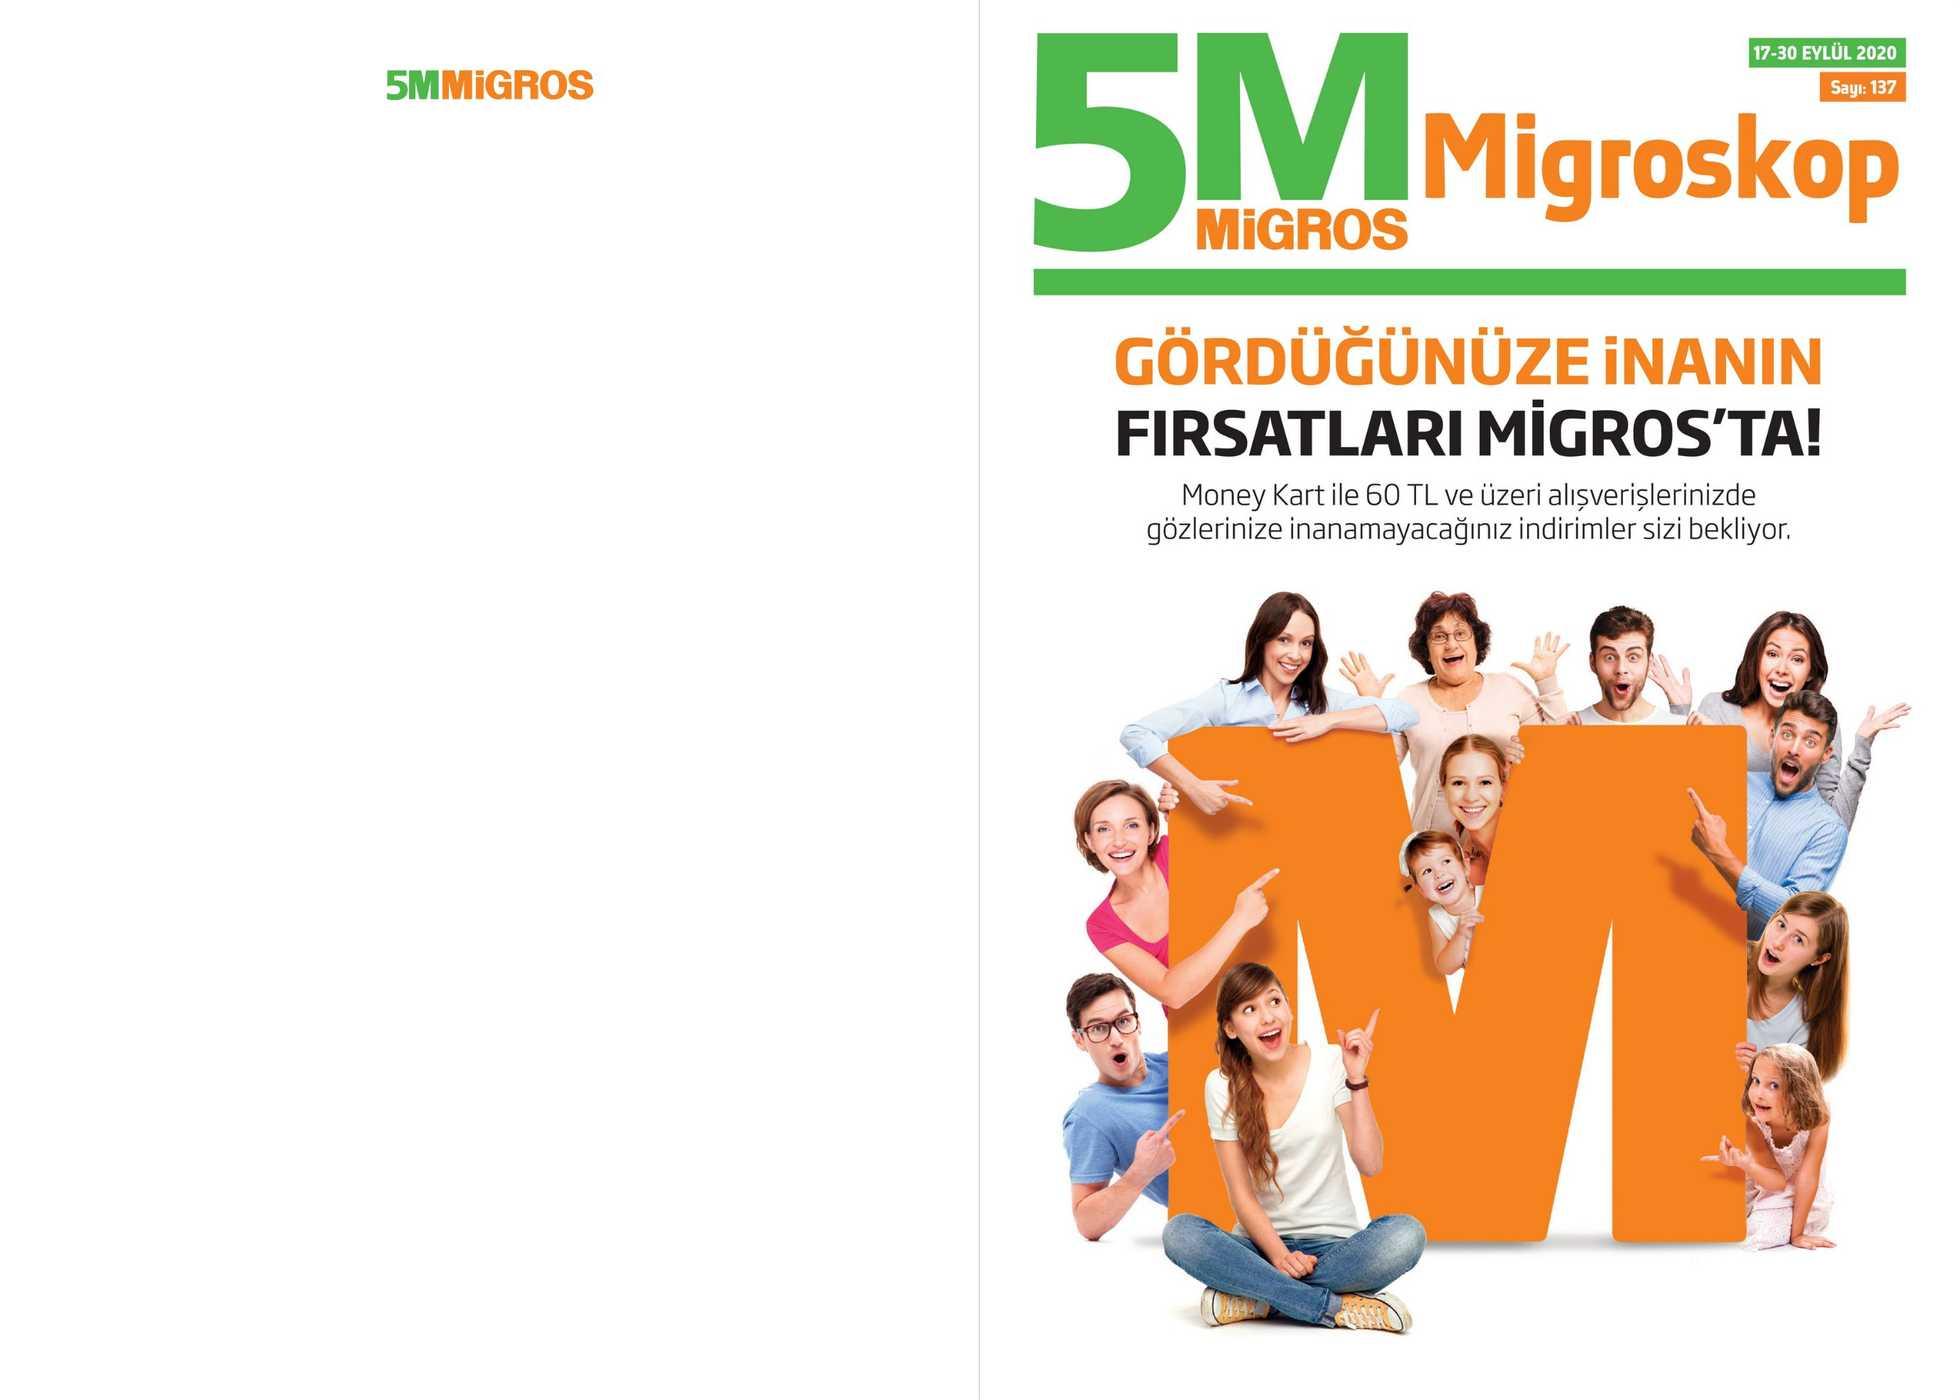 Migros - indirimler 17.09.2020 tarihinden başlayıp 30.09.2020 - tarihine kadar devam ediyor. Sayfa 1.